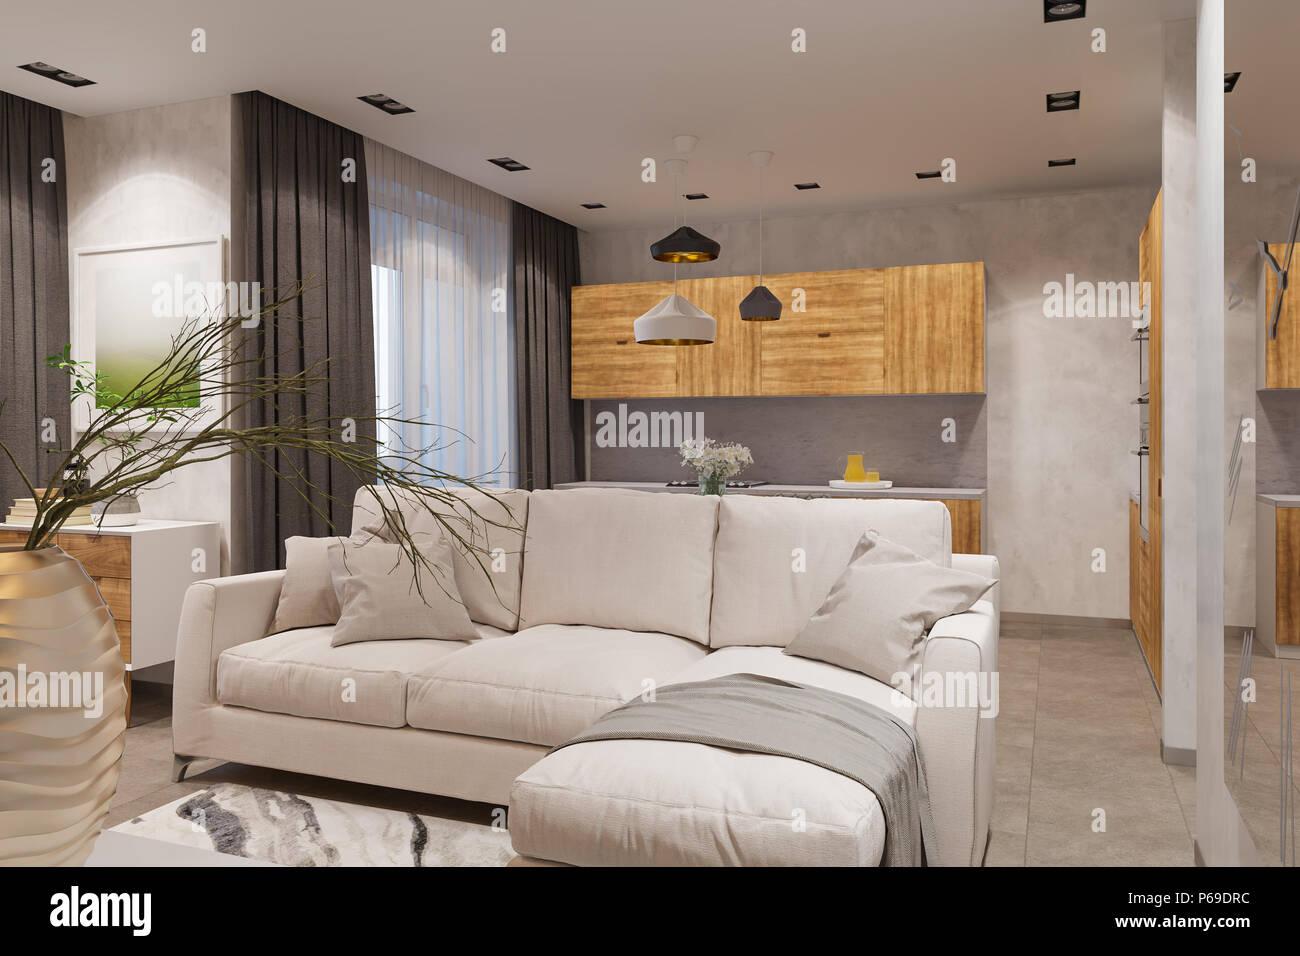 Einrichtung im skandinavischen Stil, ein Wohnzimmer und eine ...